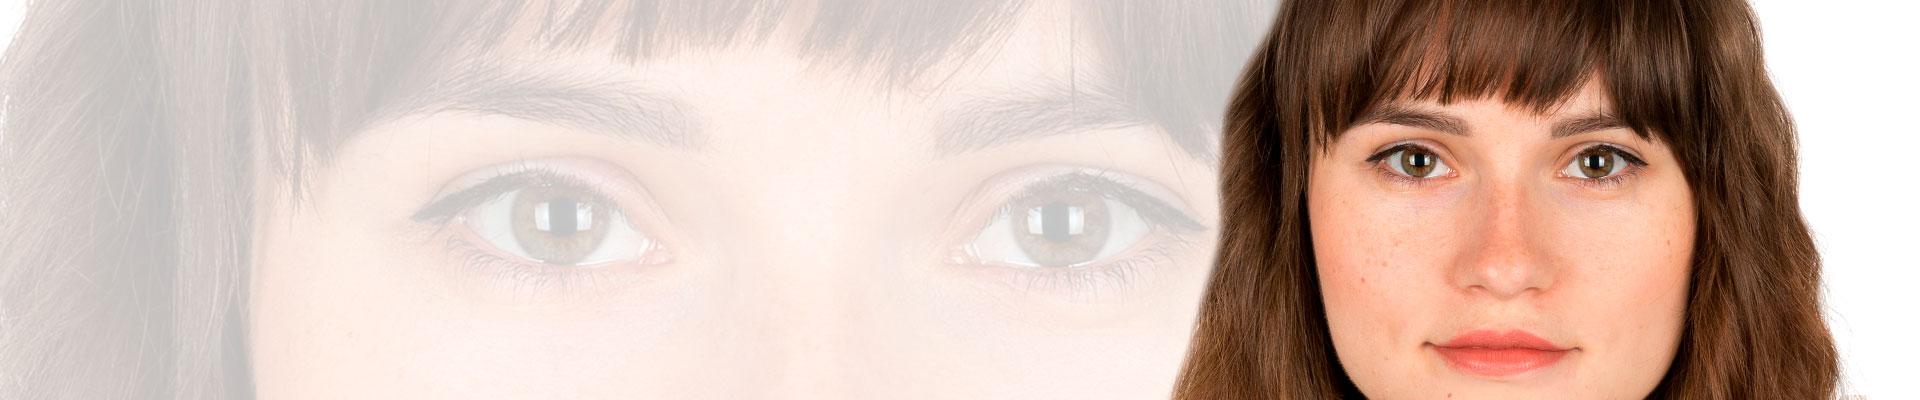 biometrisches-passbild-headerbild